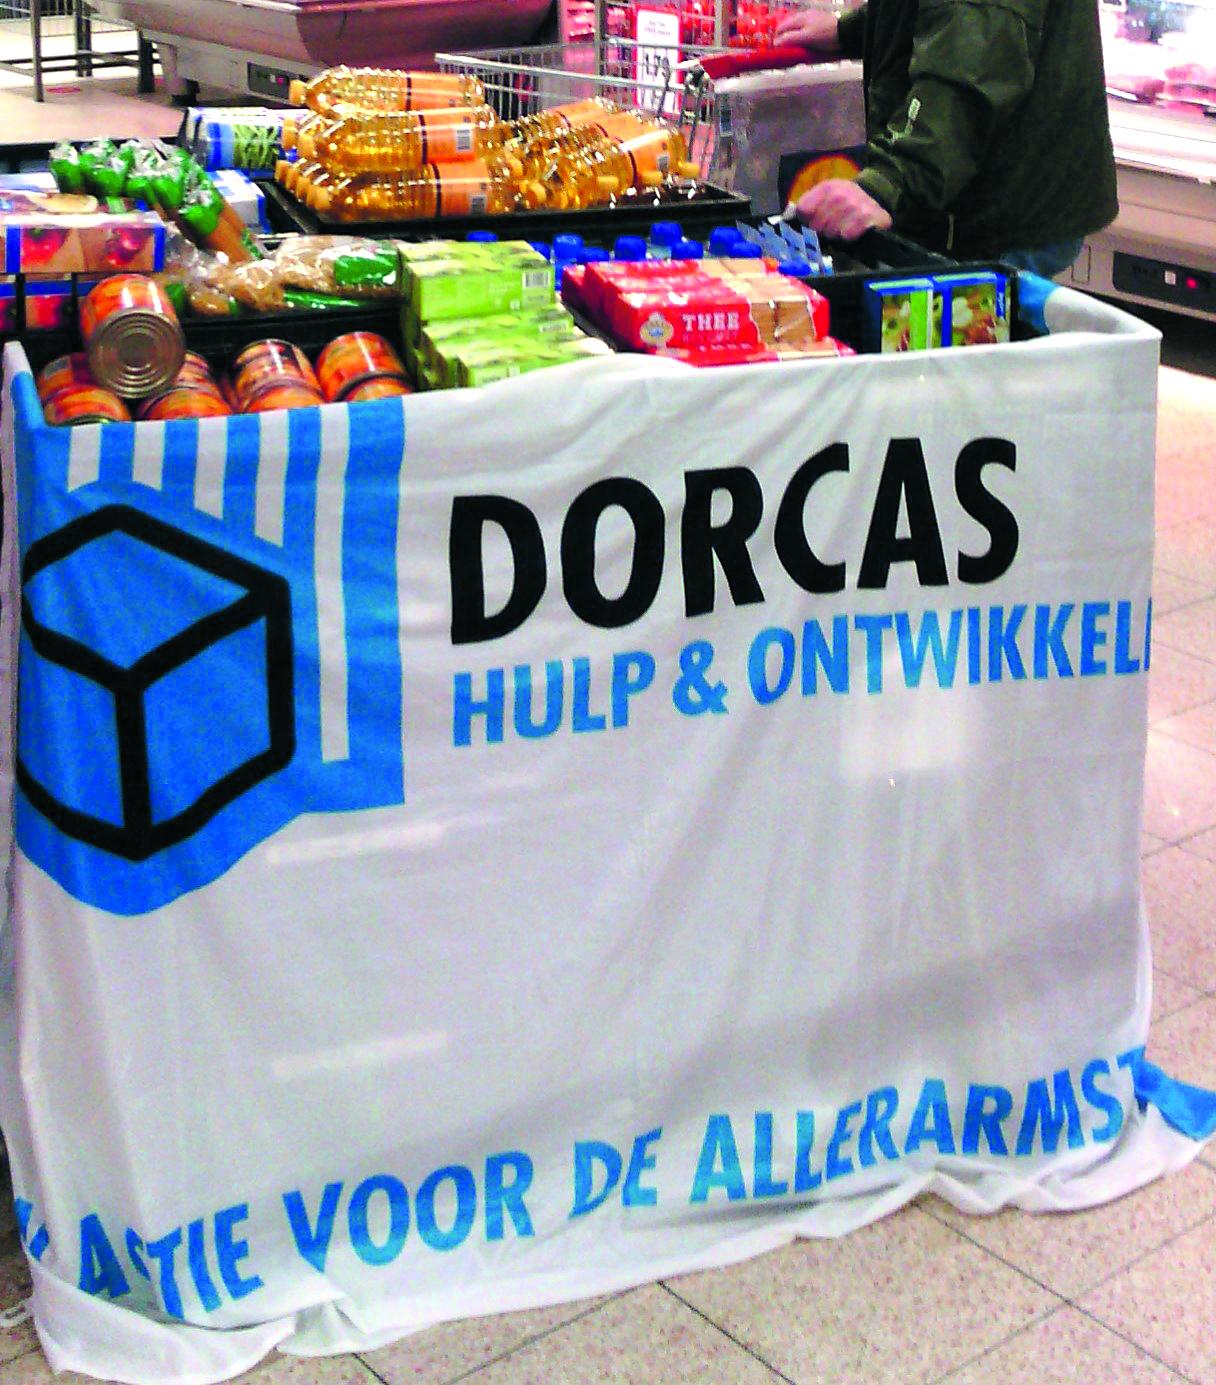 Dorcas werkt aan blijvende verandering in het leven van de allerarmsten. (Foto: aangeleverd)